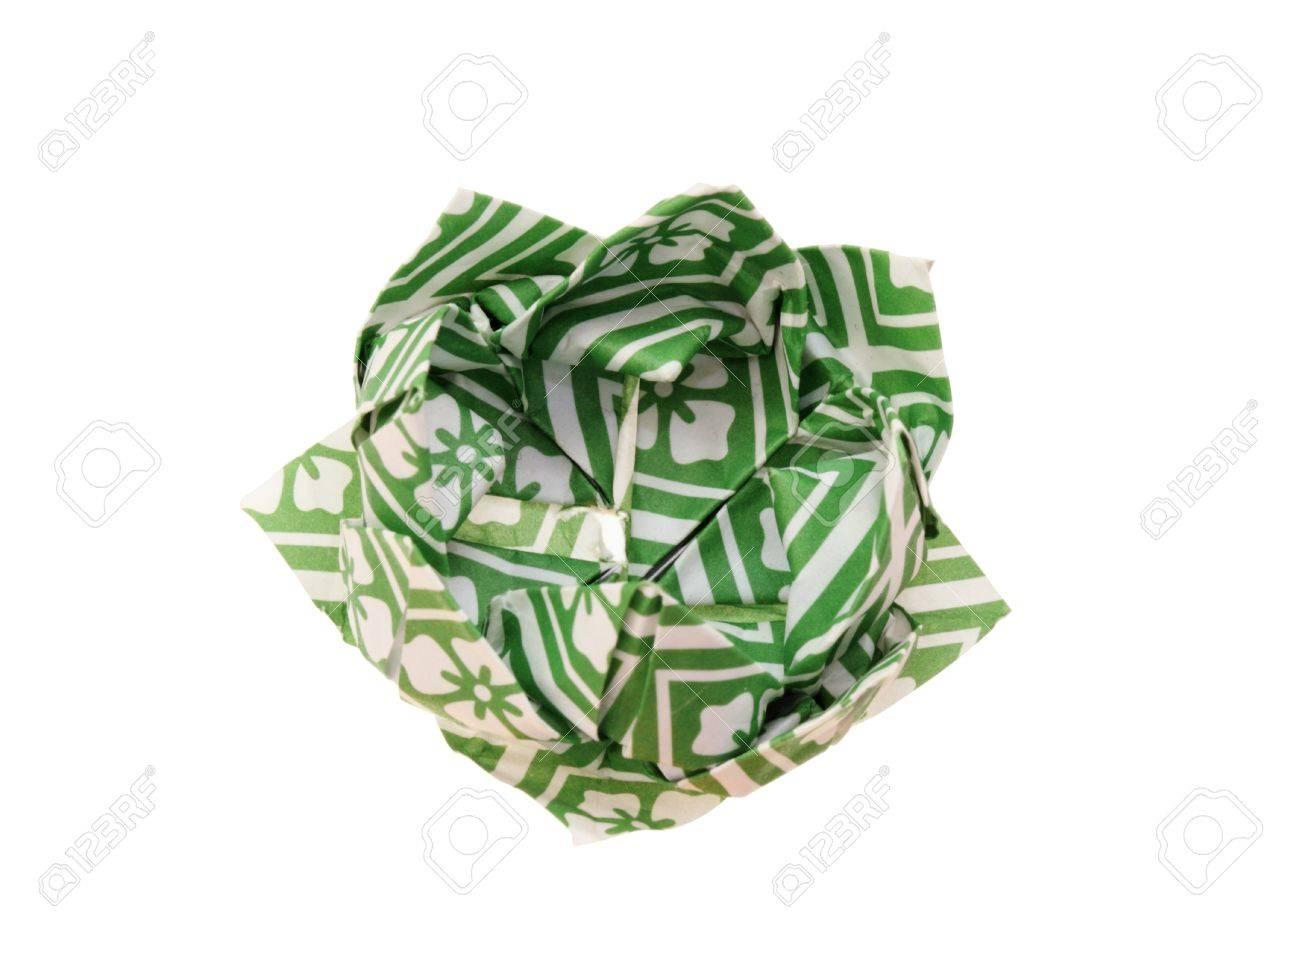 Origami Fleur De Lotus Fabriques A Partir De Vert Et Blanc A Motifs